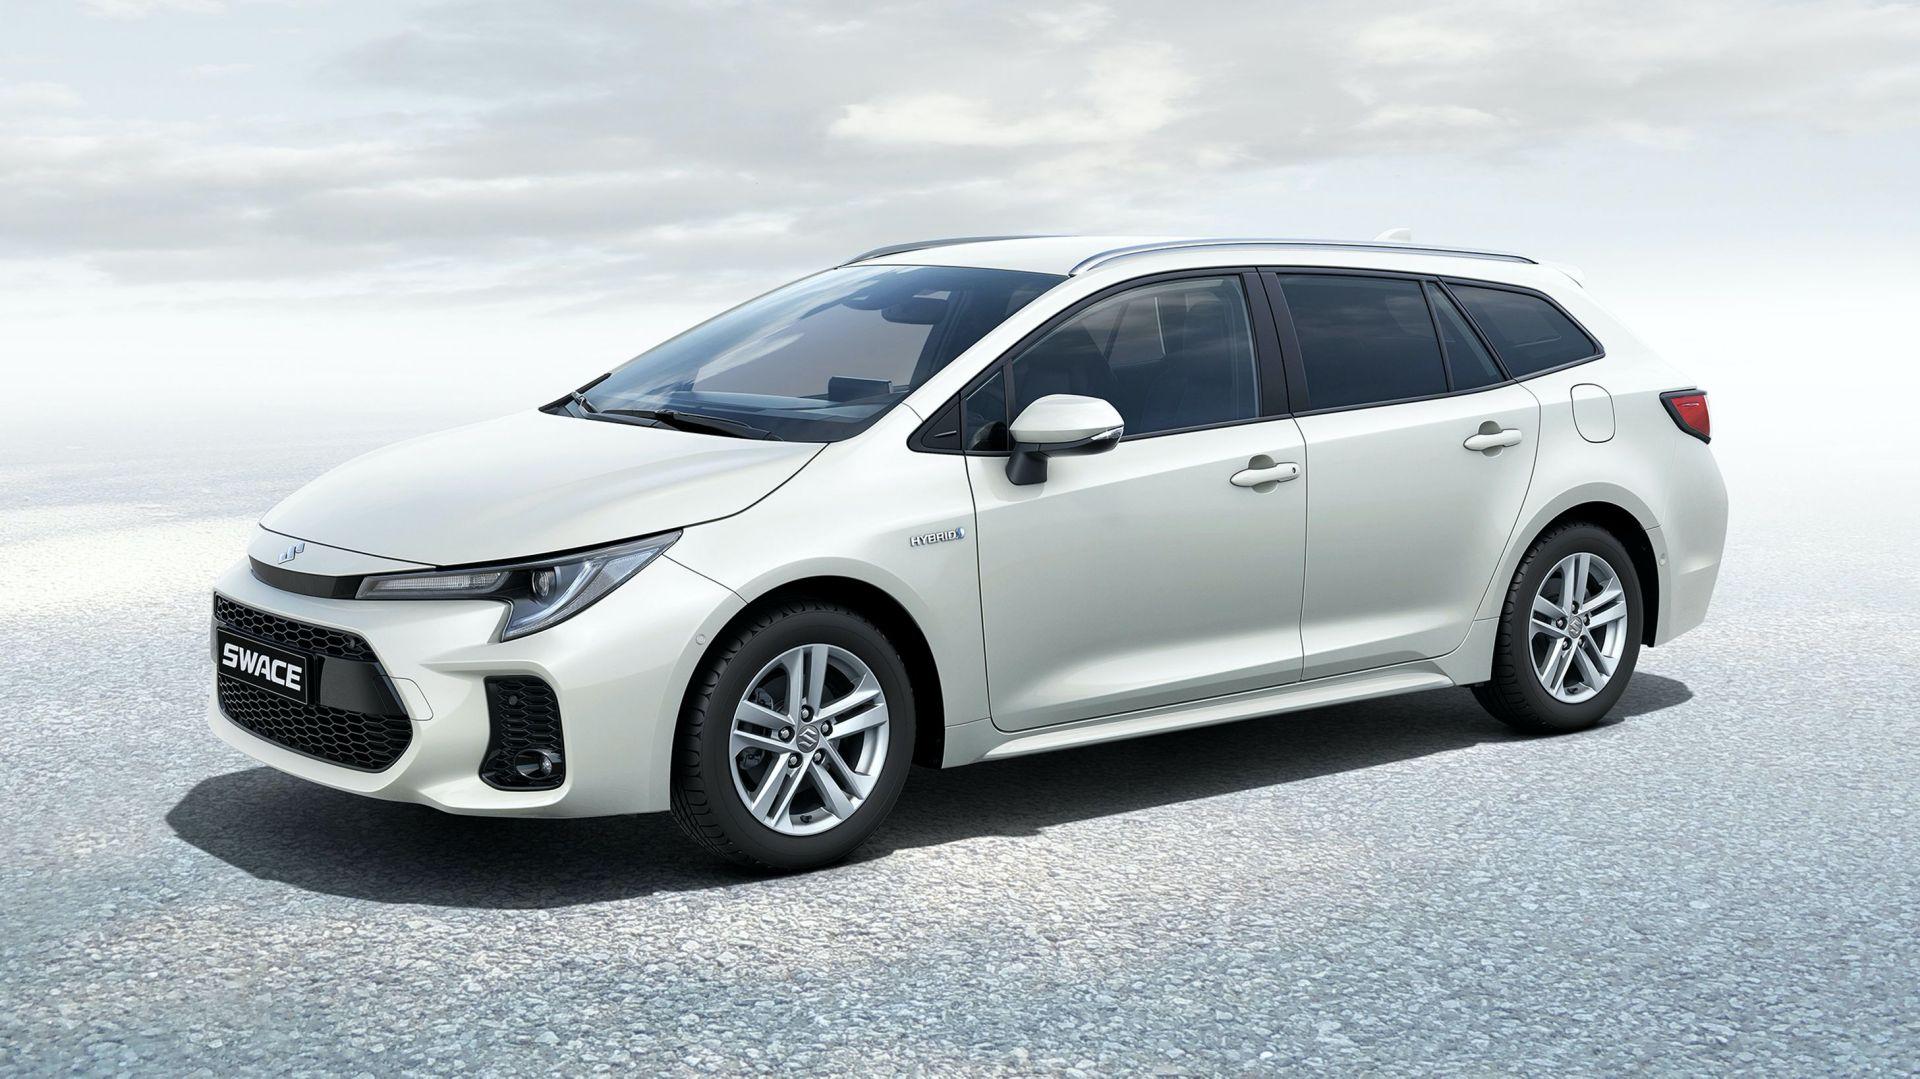 2021-Suzuki-Swace-Euro-spec-1